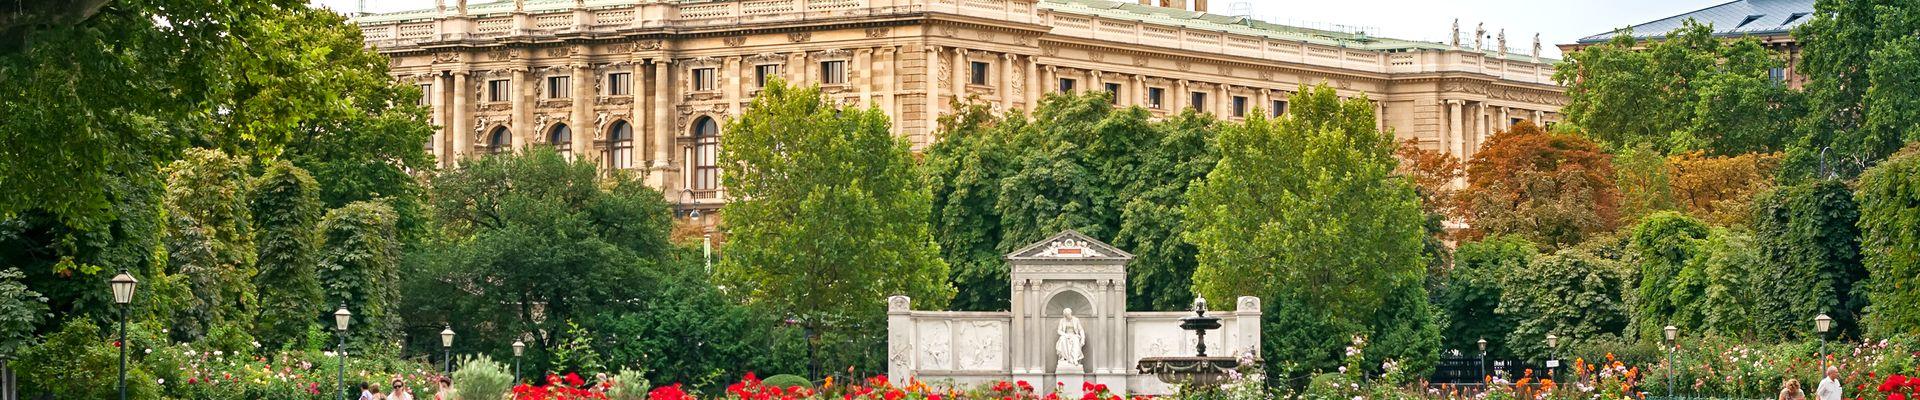 Kurzurlaub in Wien